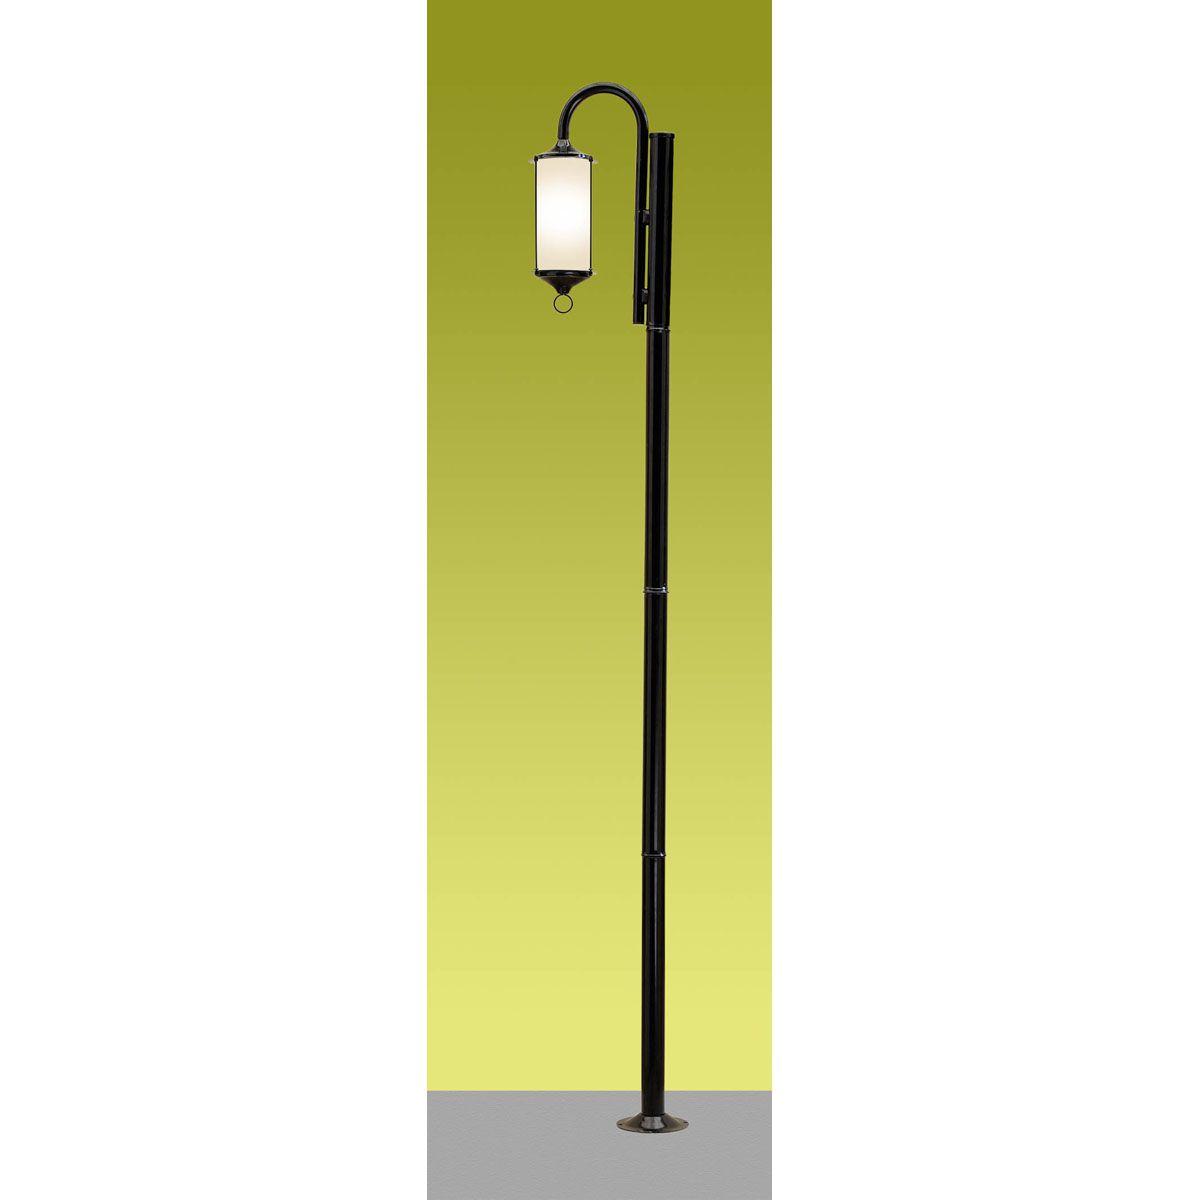 Poste Munich 01 E27 220m 01 vidro cilindro (incluso) - Preto